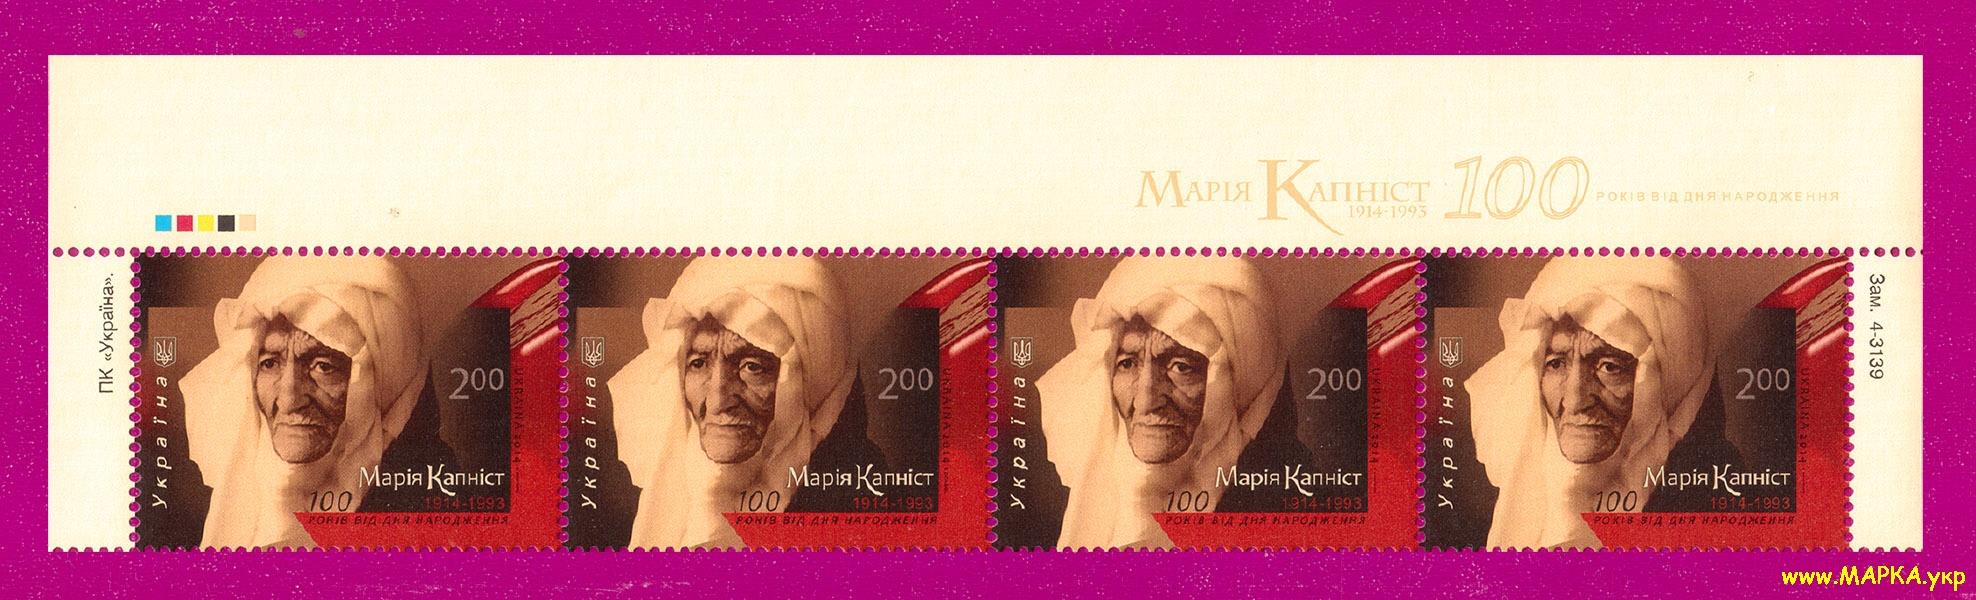 2014 верх листа Мария Капнист актриса Украина